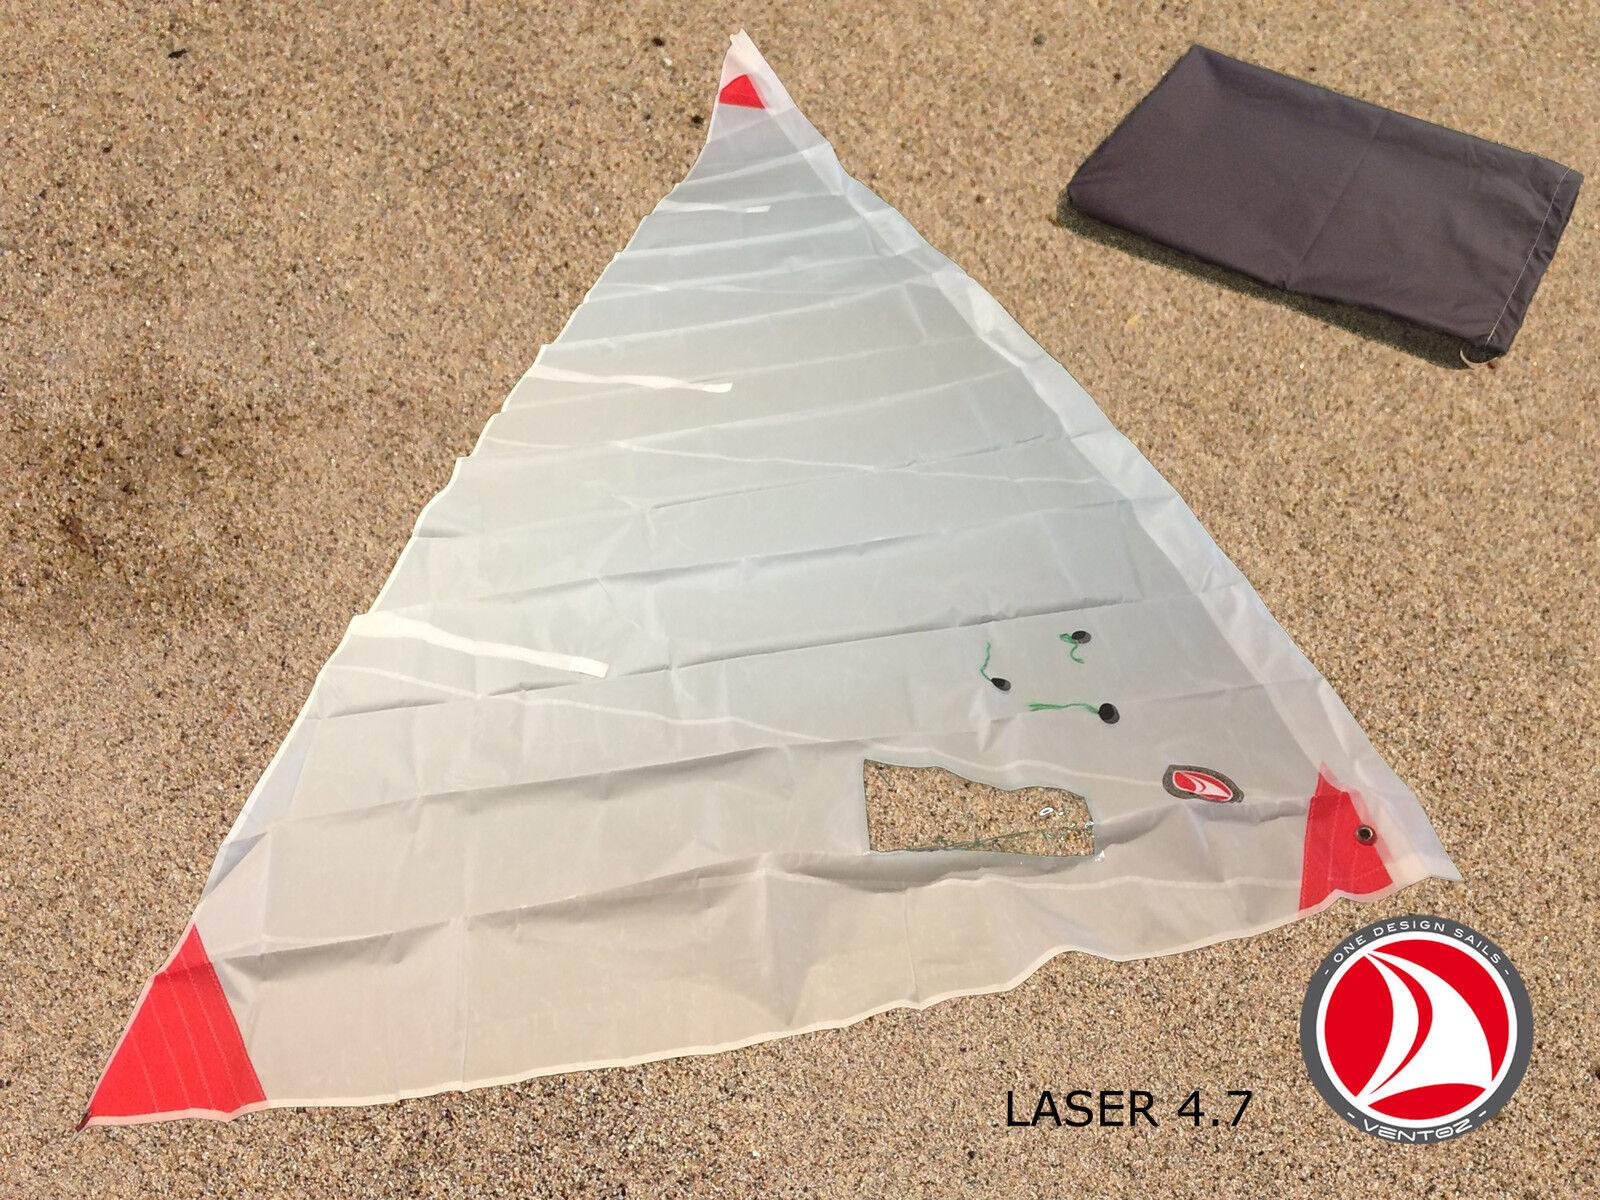 Ventoz Laser Segel (4,7 m2) - Roten Flecken